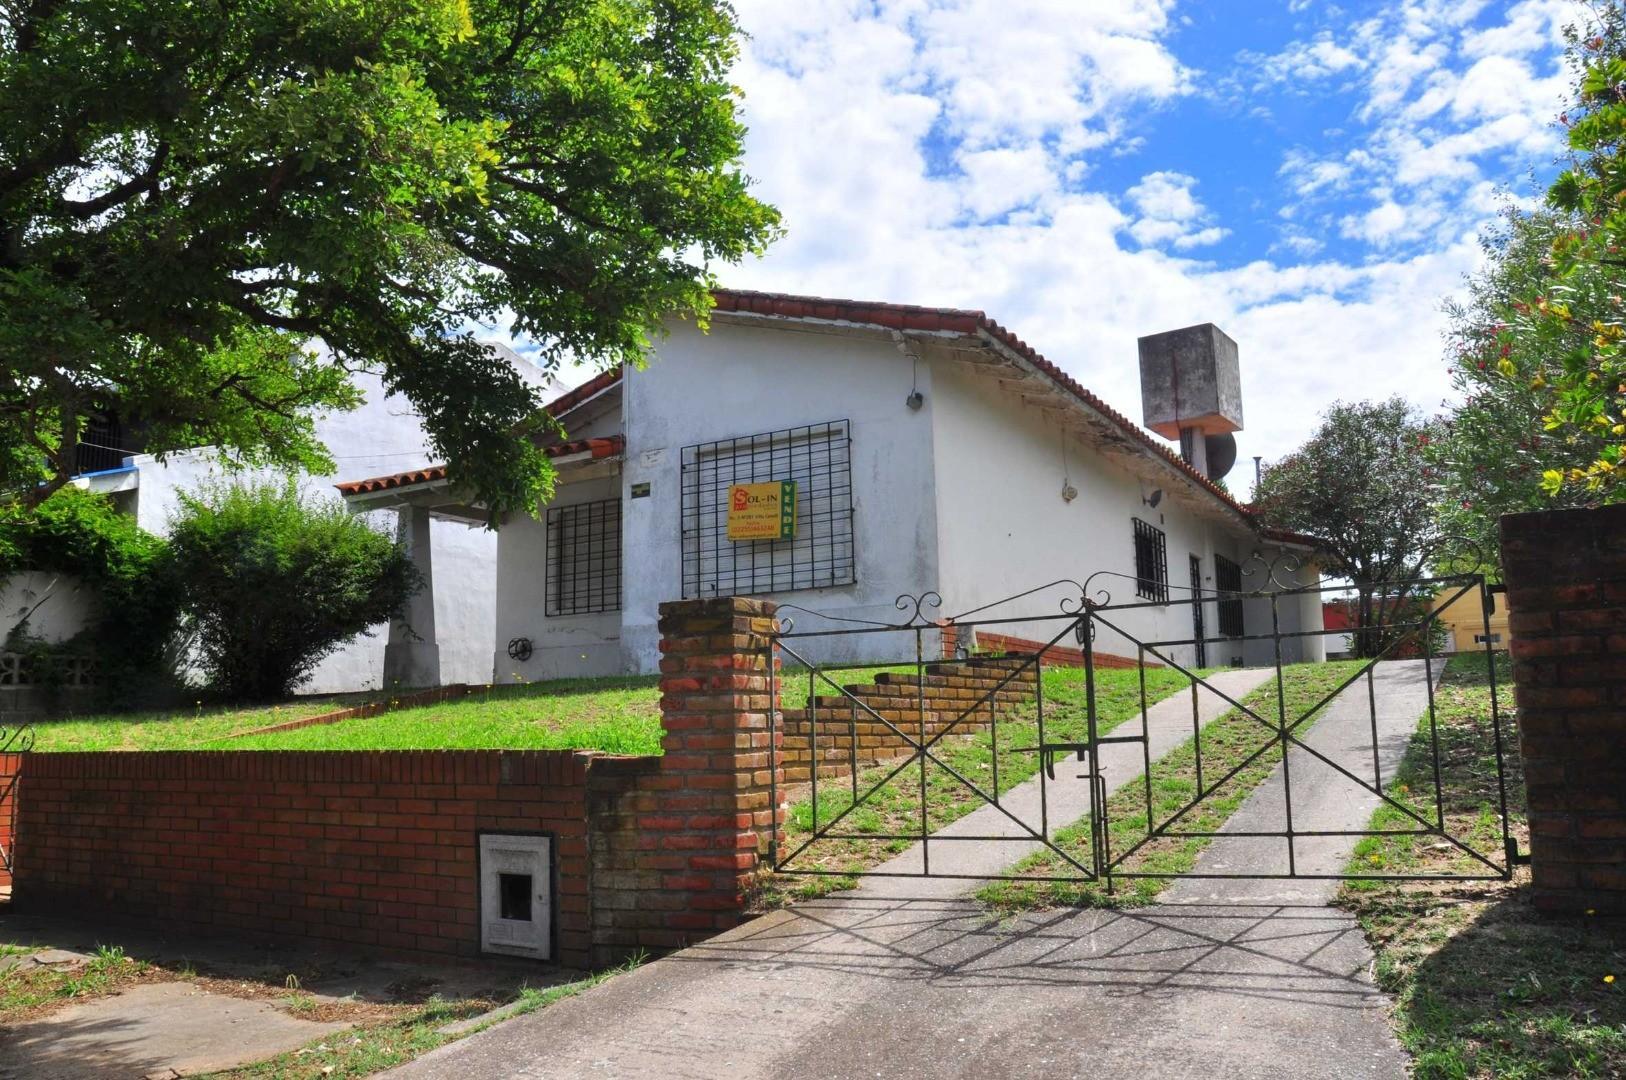 Casa en Venta en Villa Gesell - 3 ambientes